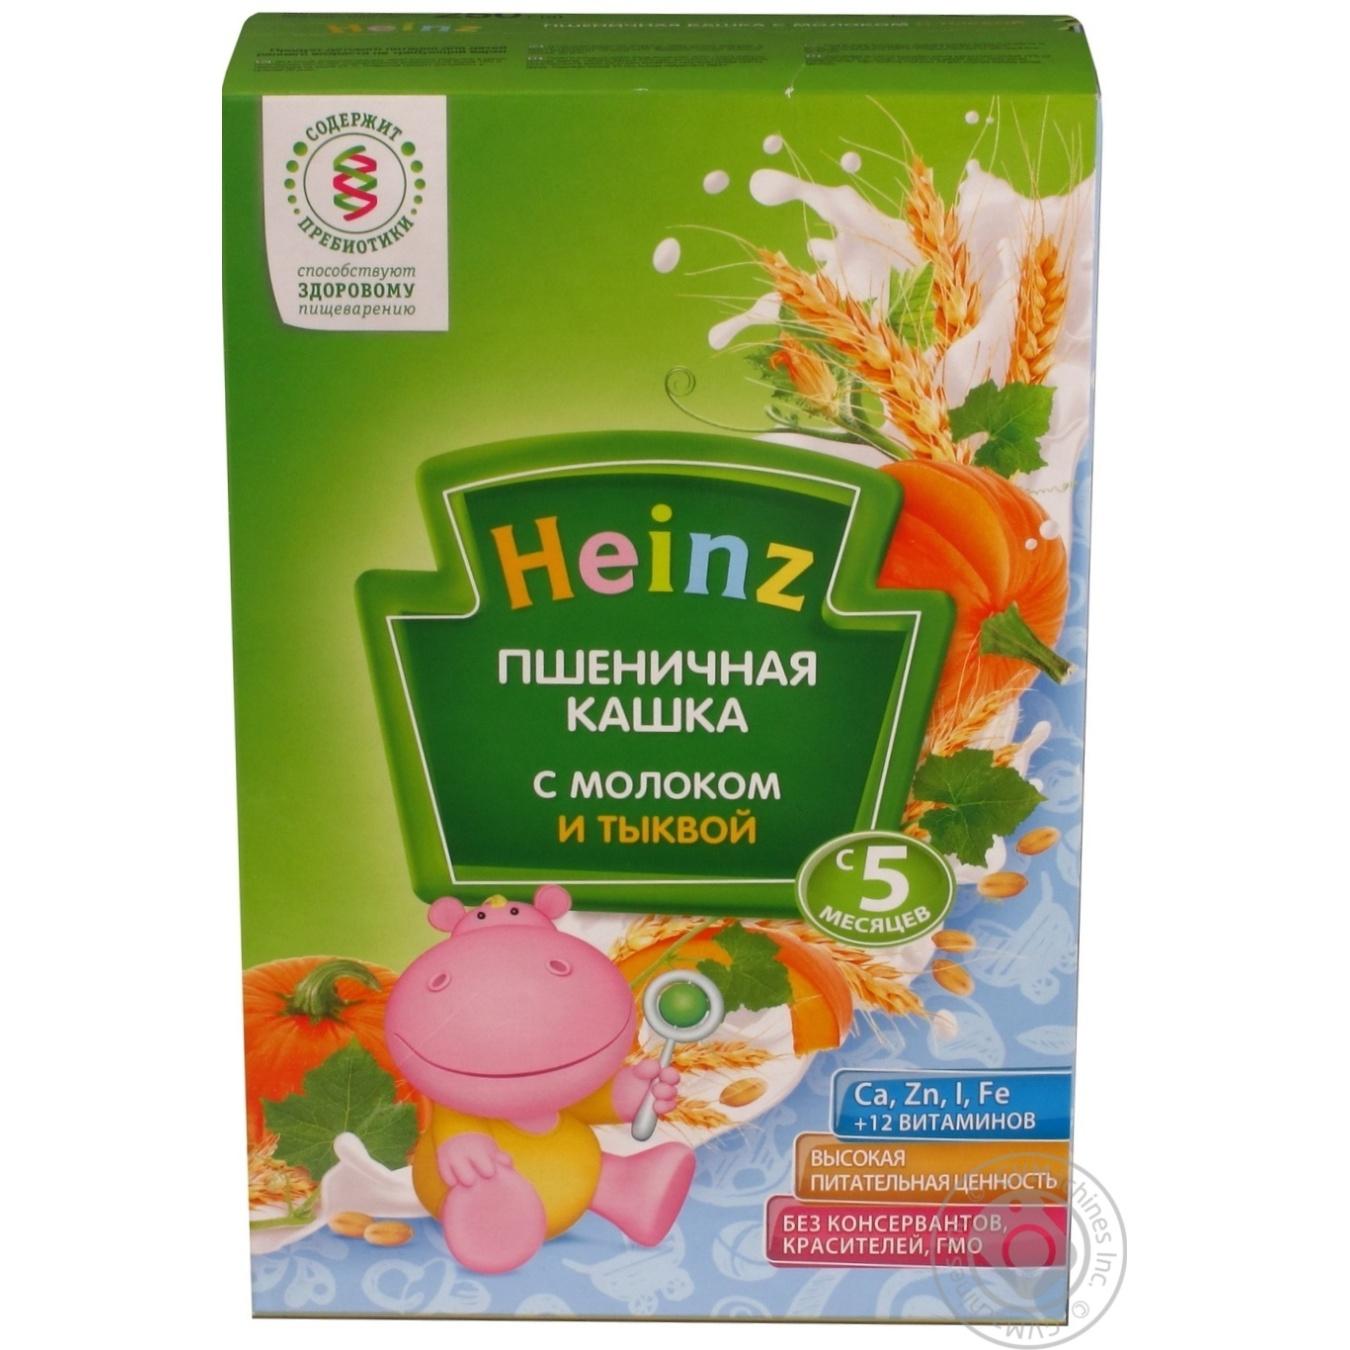 e181c4de8824c1 Каша детская Хайнц пшеничная с молоком и тыквой сухая с 5 месяцев 250г  Россия